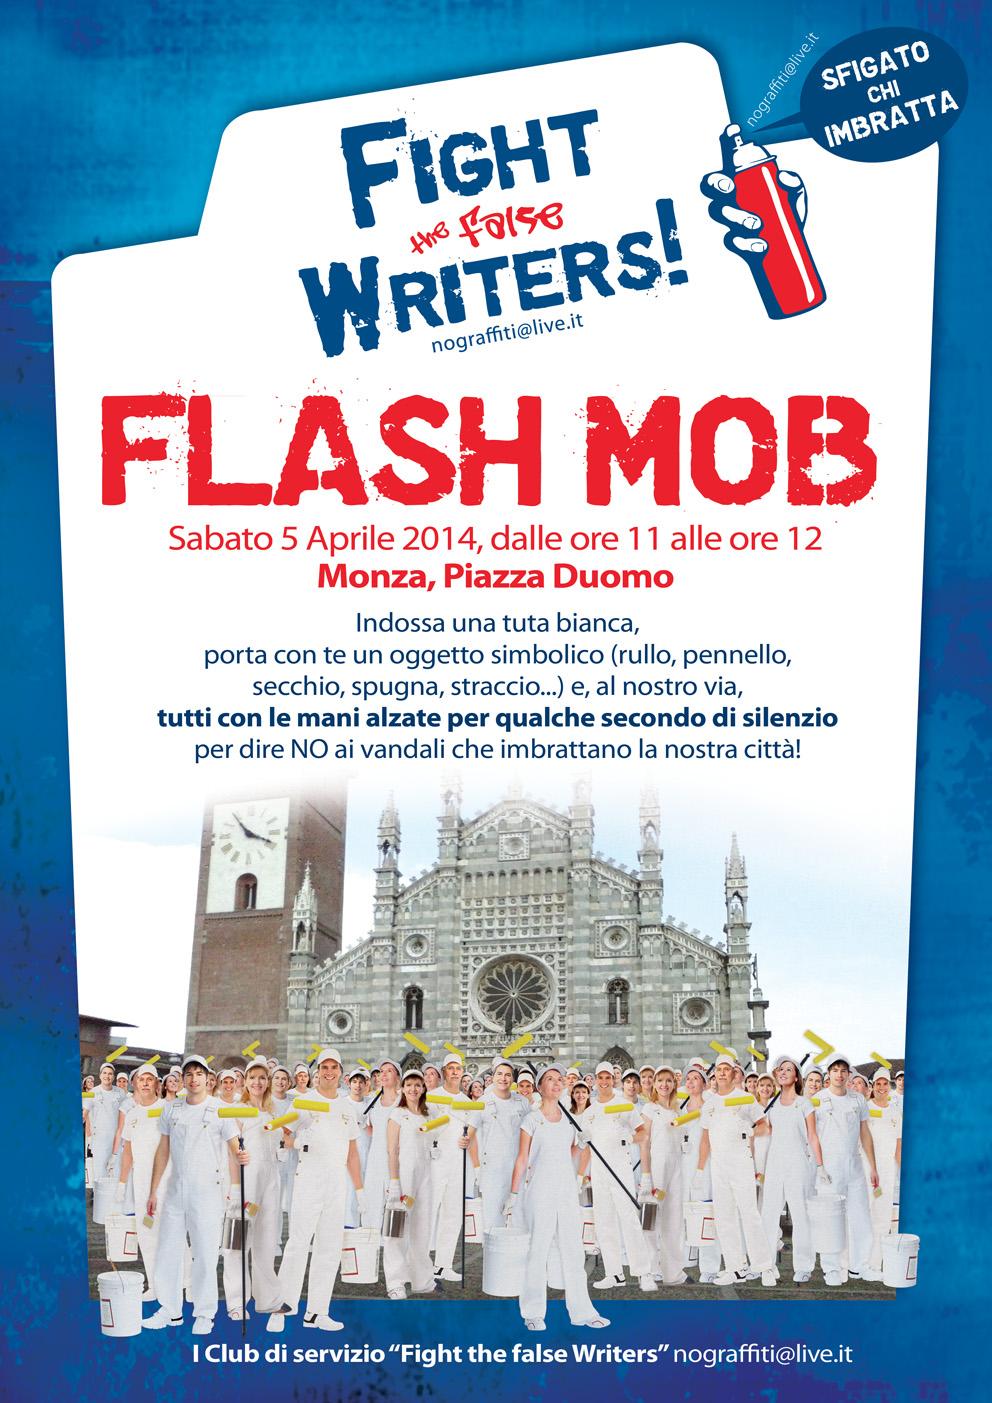 FlashMob 5 Aprile 70x100